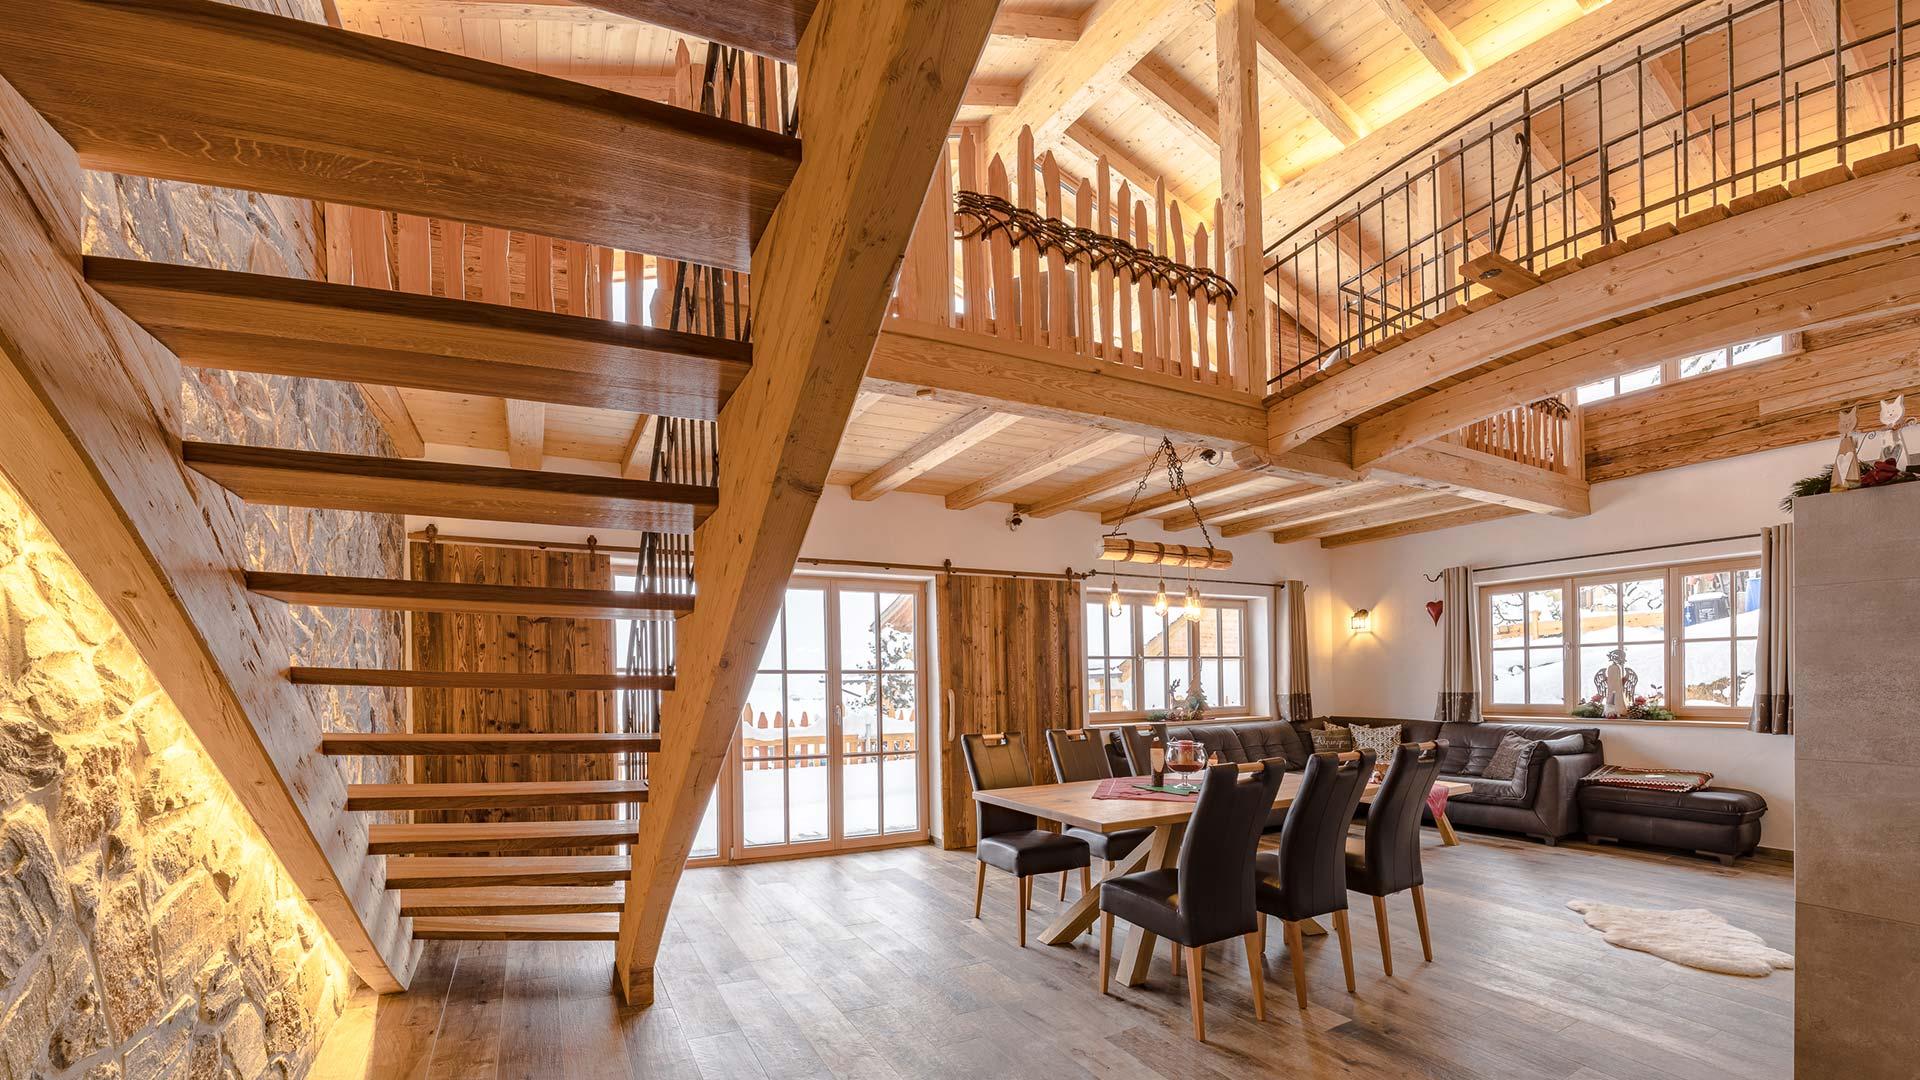 5-Sterne - Ferienhaus - Chalet Alpengruß - Urlaub in Bayern